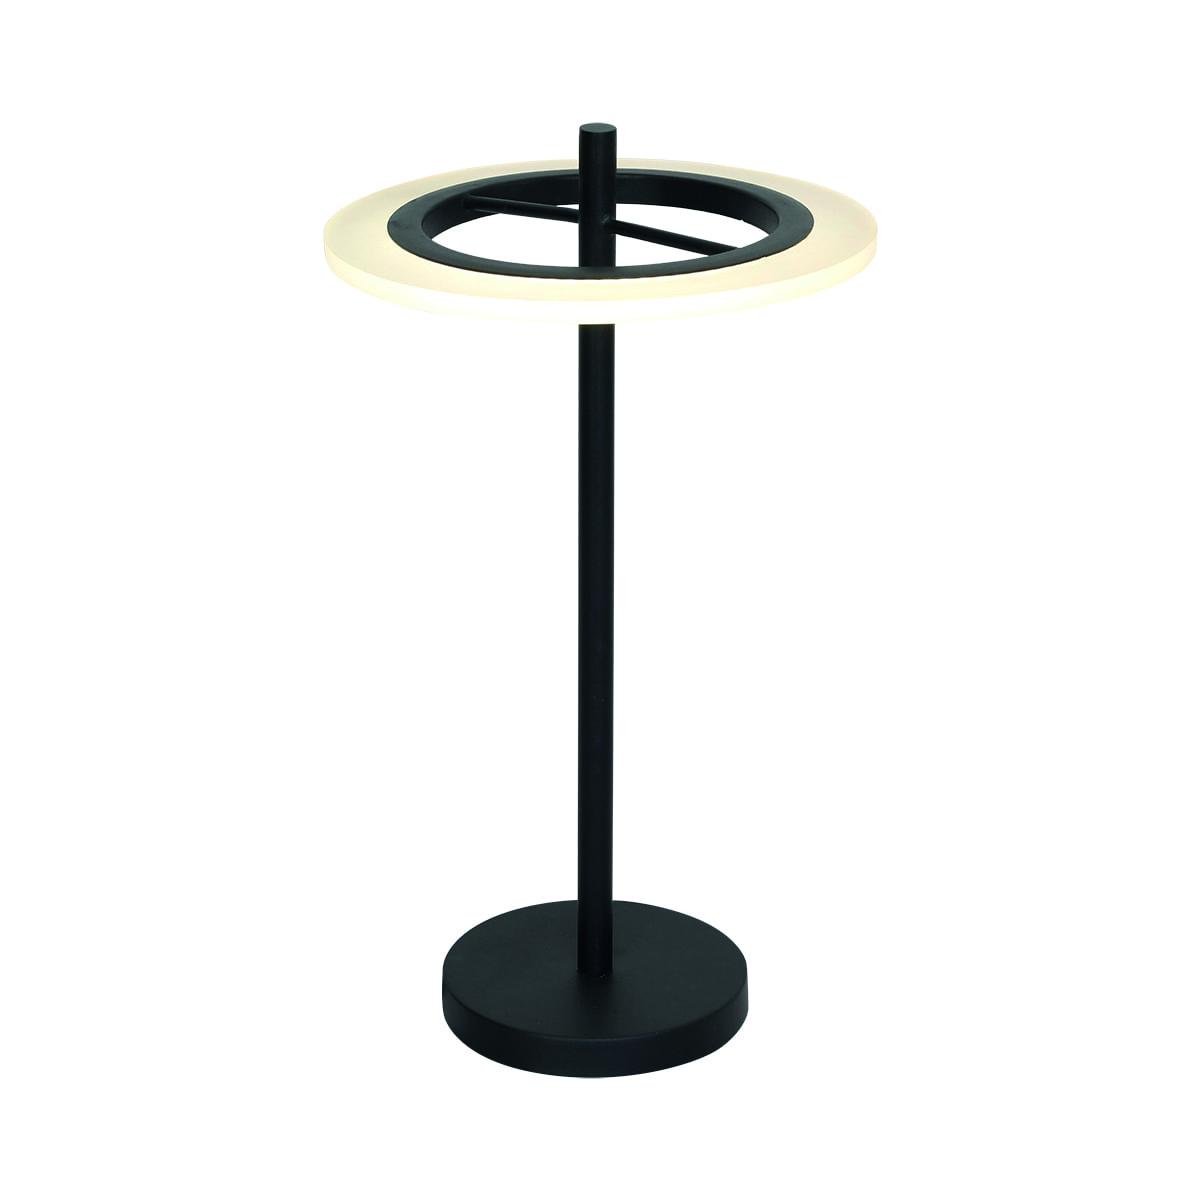 Lampa biurkowa Milagro COSMO 168 Piaskowy czarny 12W